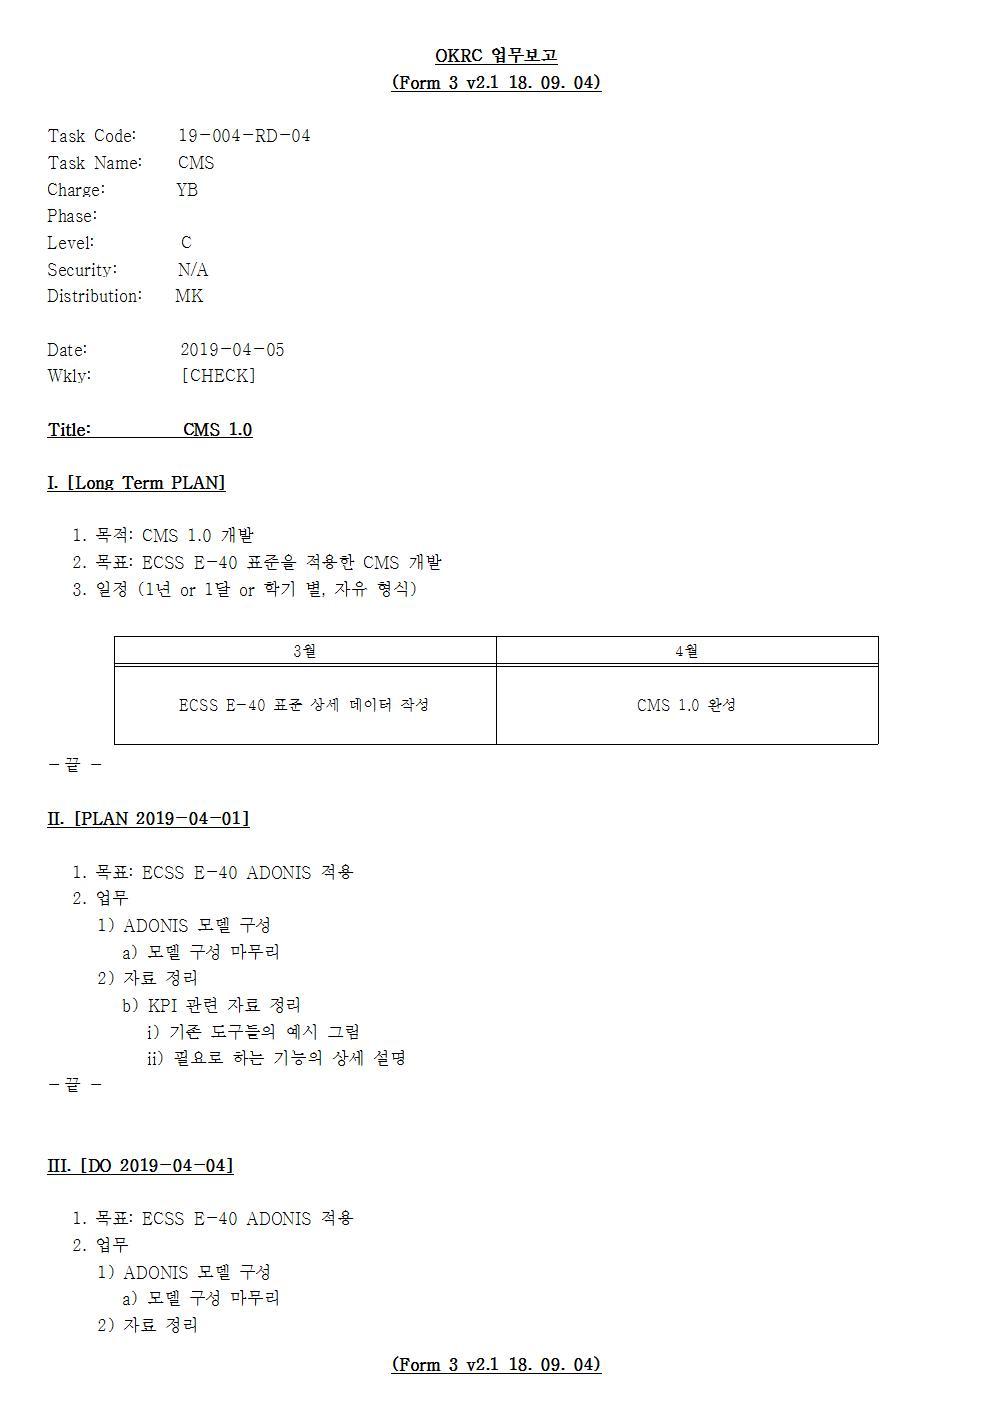 D-[19-004-RD-04]-[CMS]-[2019-04-05][YB]001.jpg